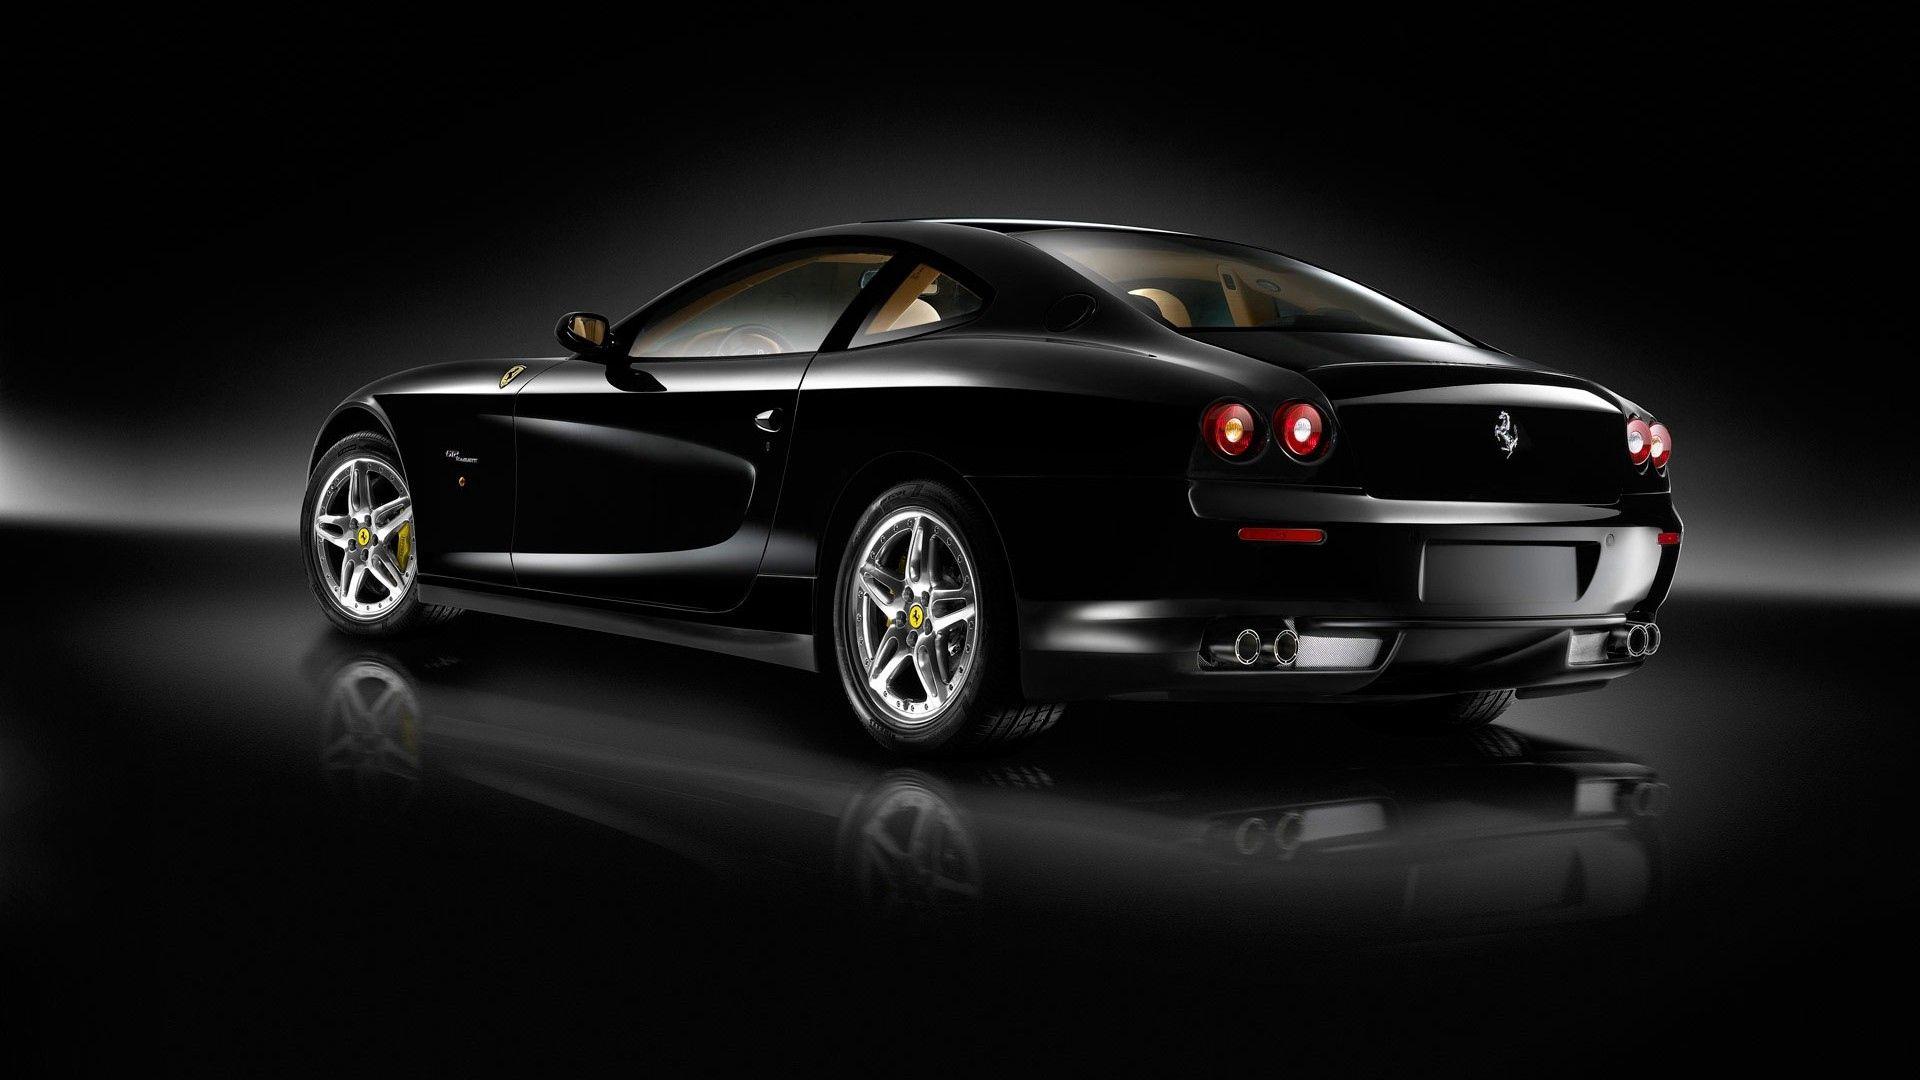 135816 обои 720x1520 на телефон бесплатно, скачать картинки Вид Сбоку, Феррари (Ferrari), Тачки (Cars), Черный, Блеск, Стиль 720x1520 на мобильный